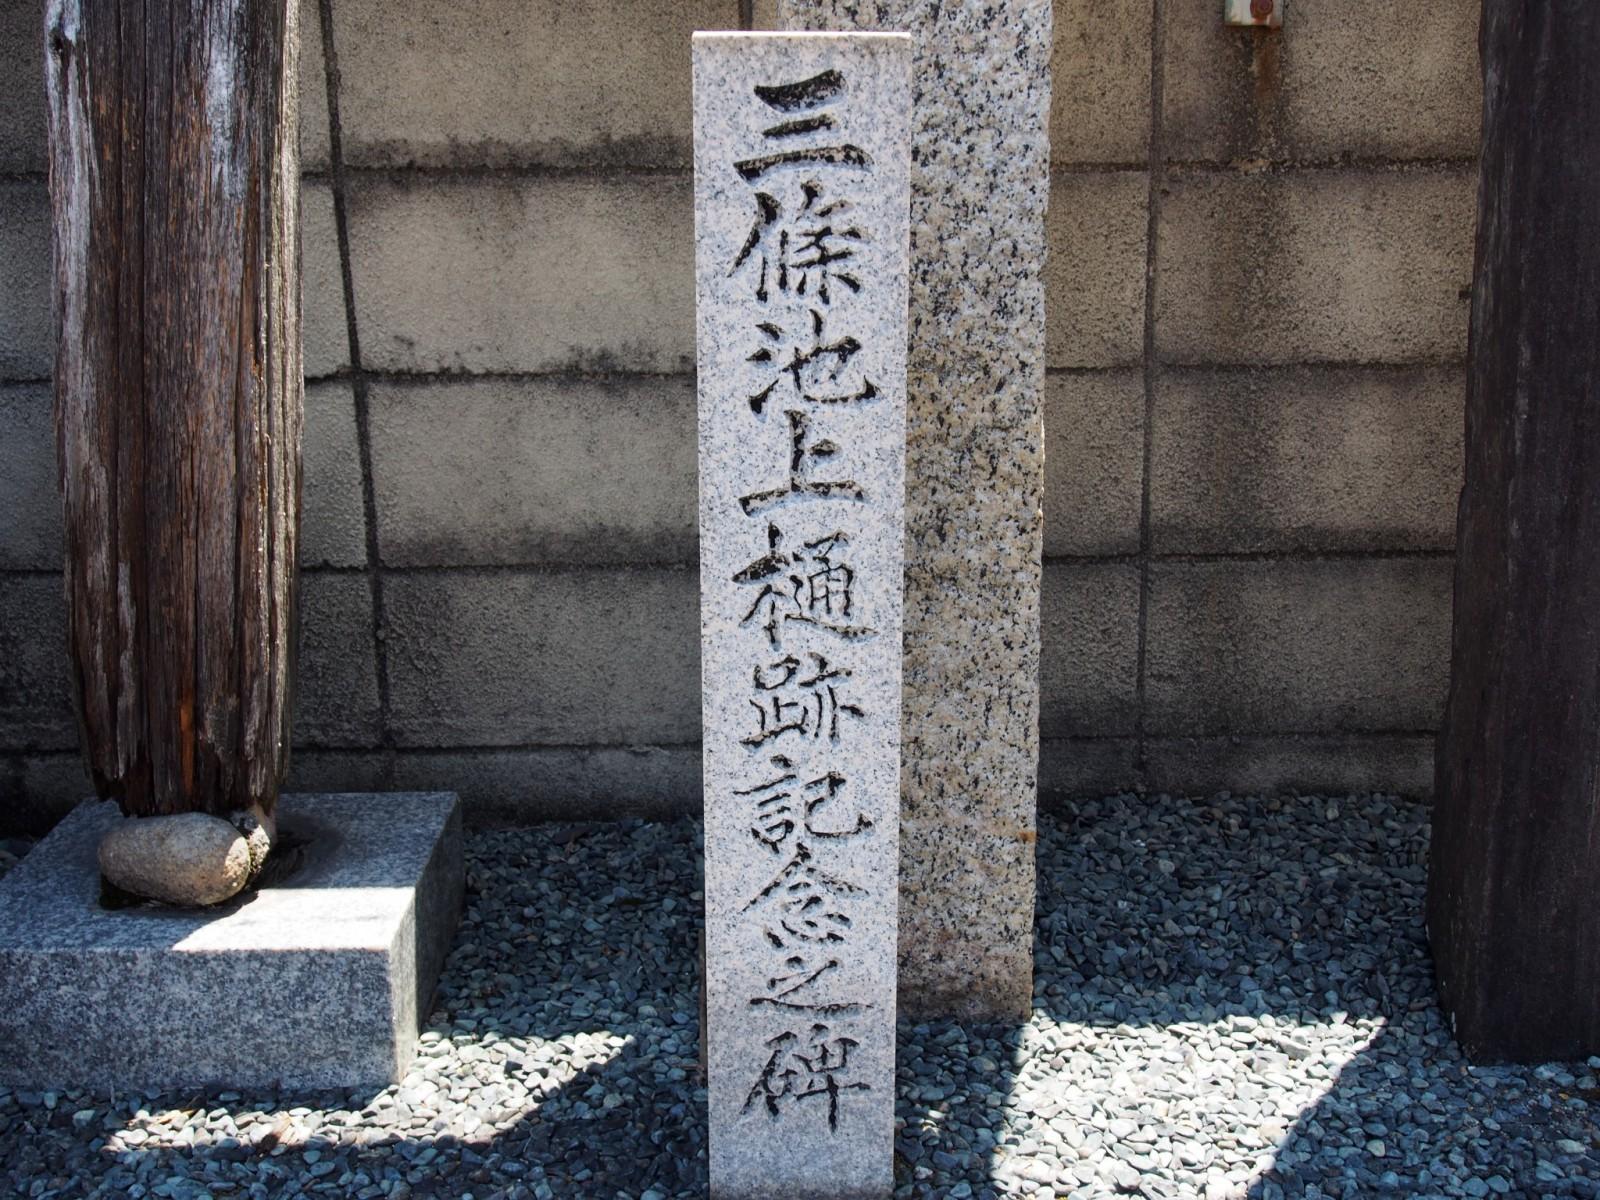 三条池跡周辺の石碑